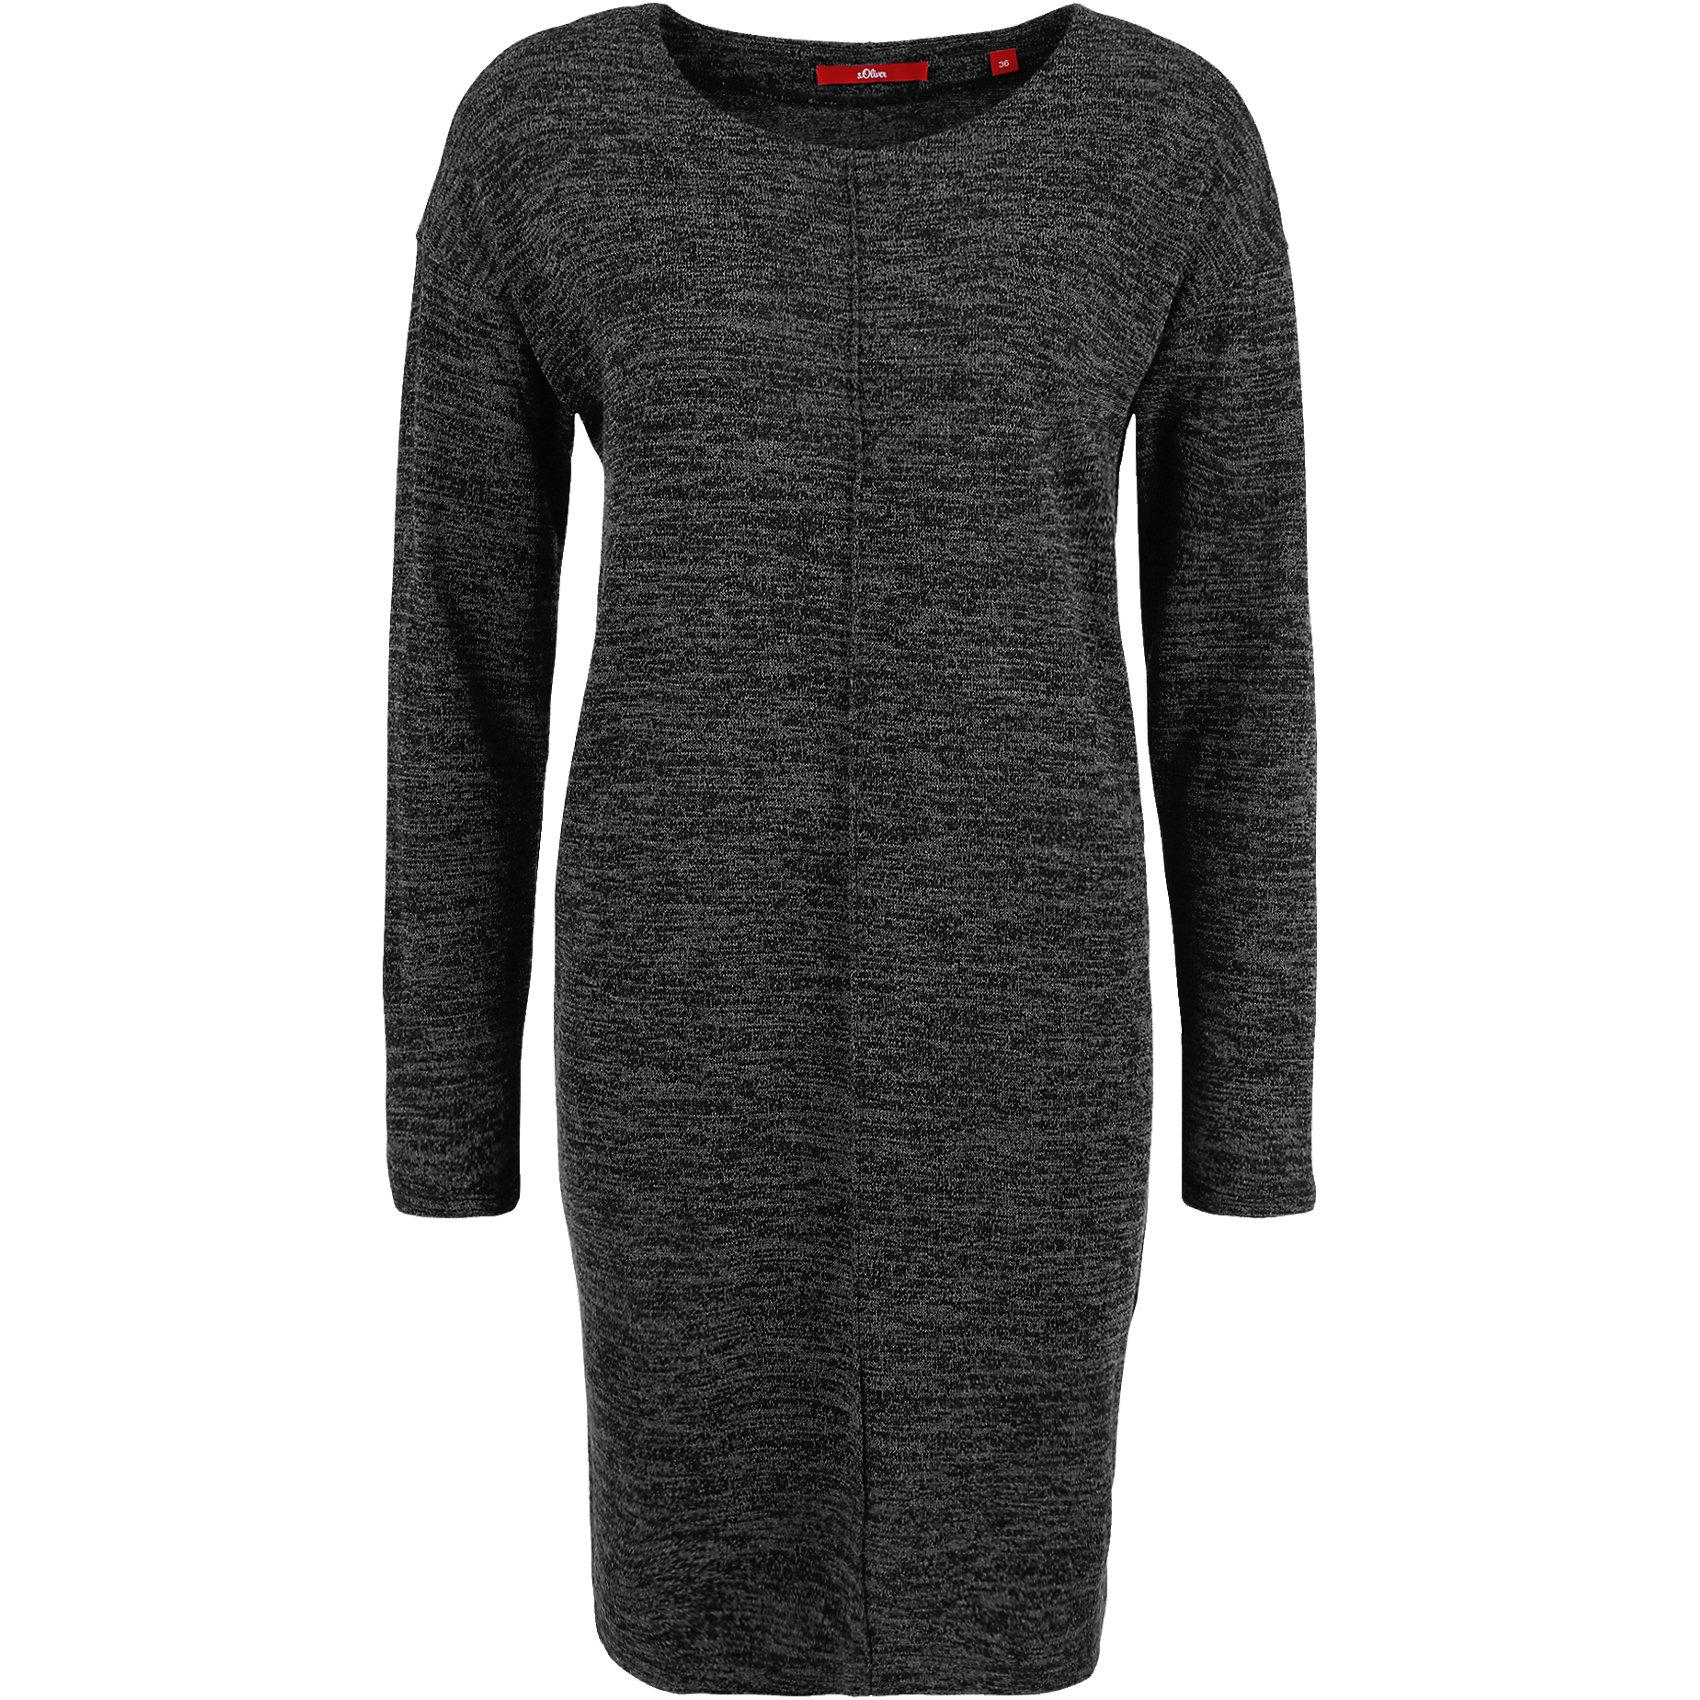 c5bde79d349c05 Neu s.Oliver Strickkleid 5636702 Kleid Strick für Damen schwarz   eBay